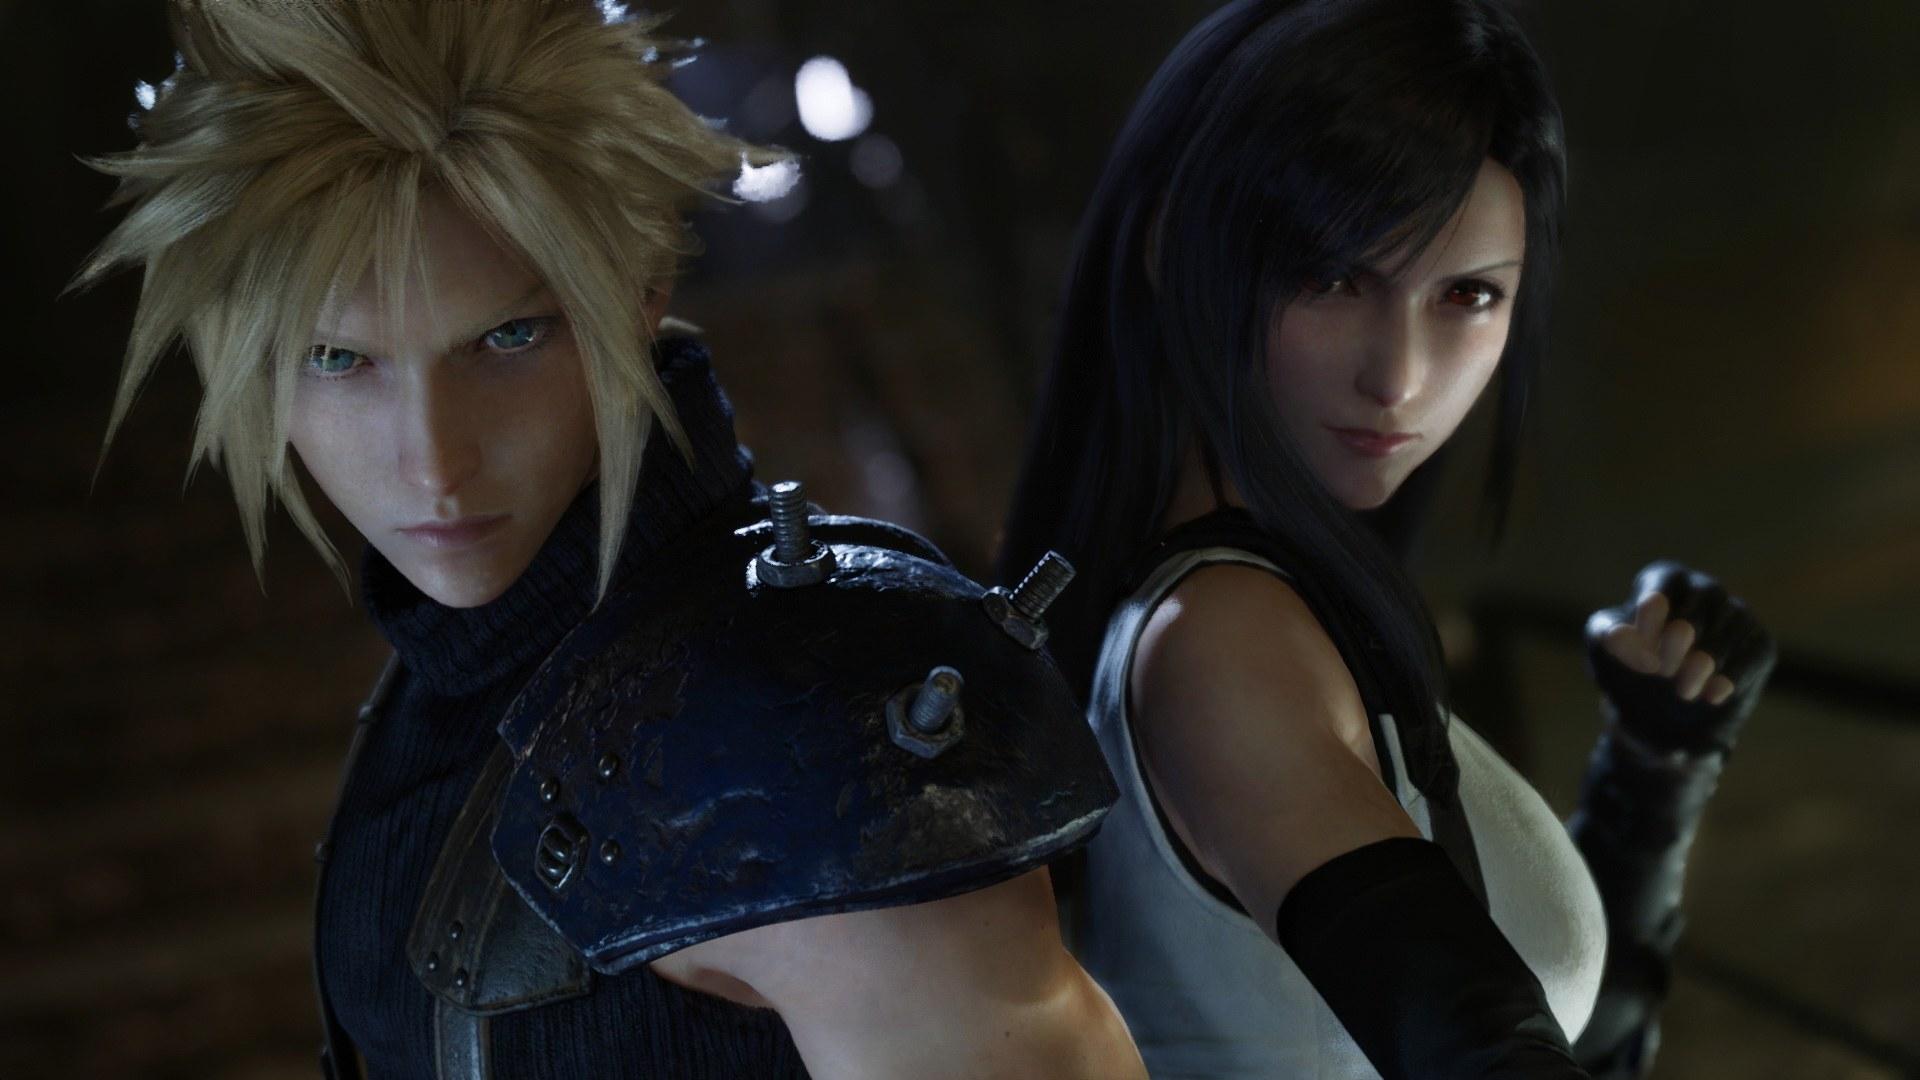 Final Fantasy 7 Remake per PS4: nuovi screenshot con Cloud e Tifa